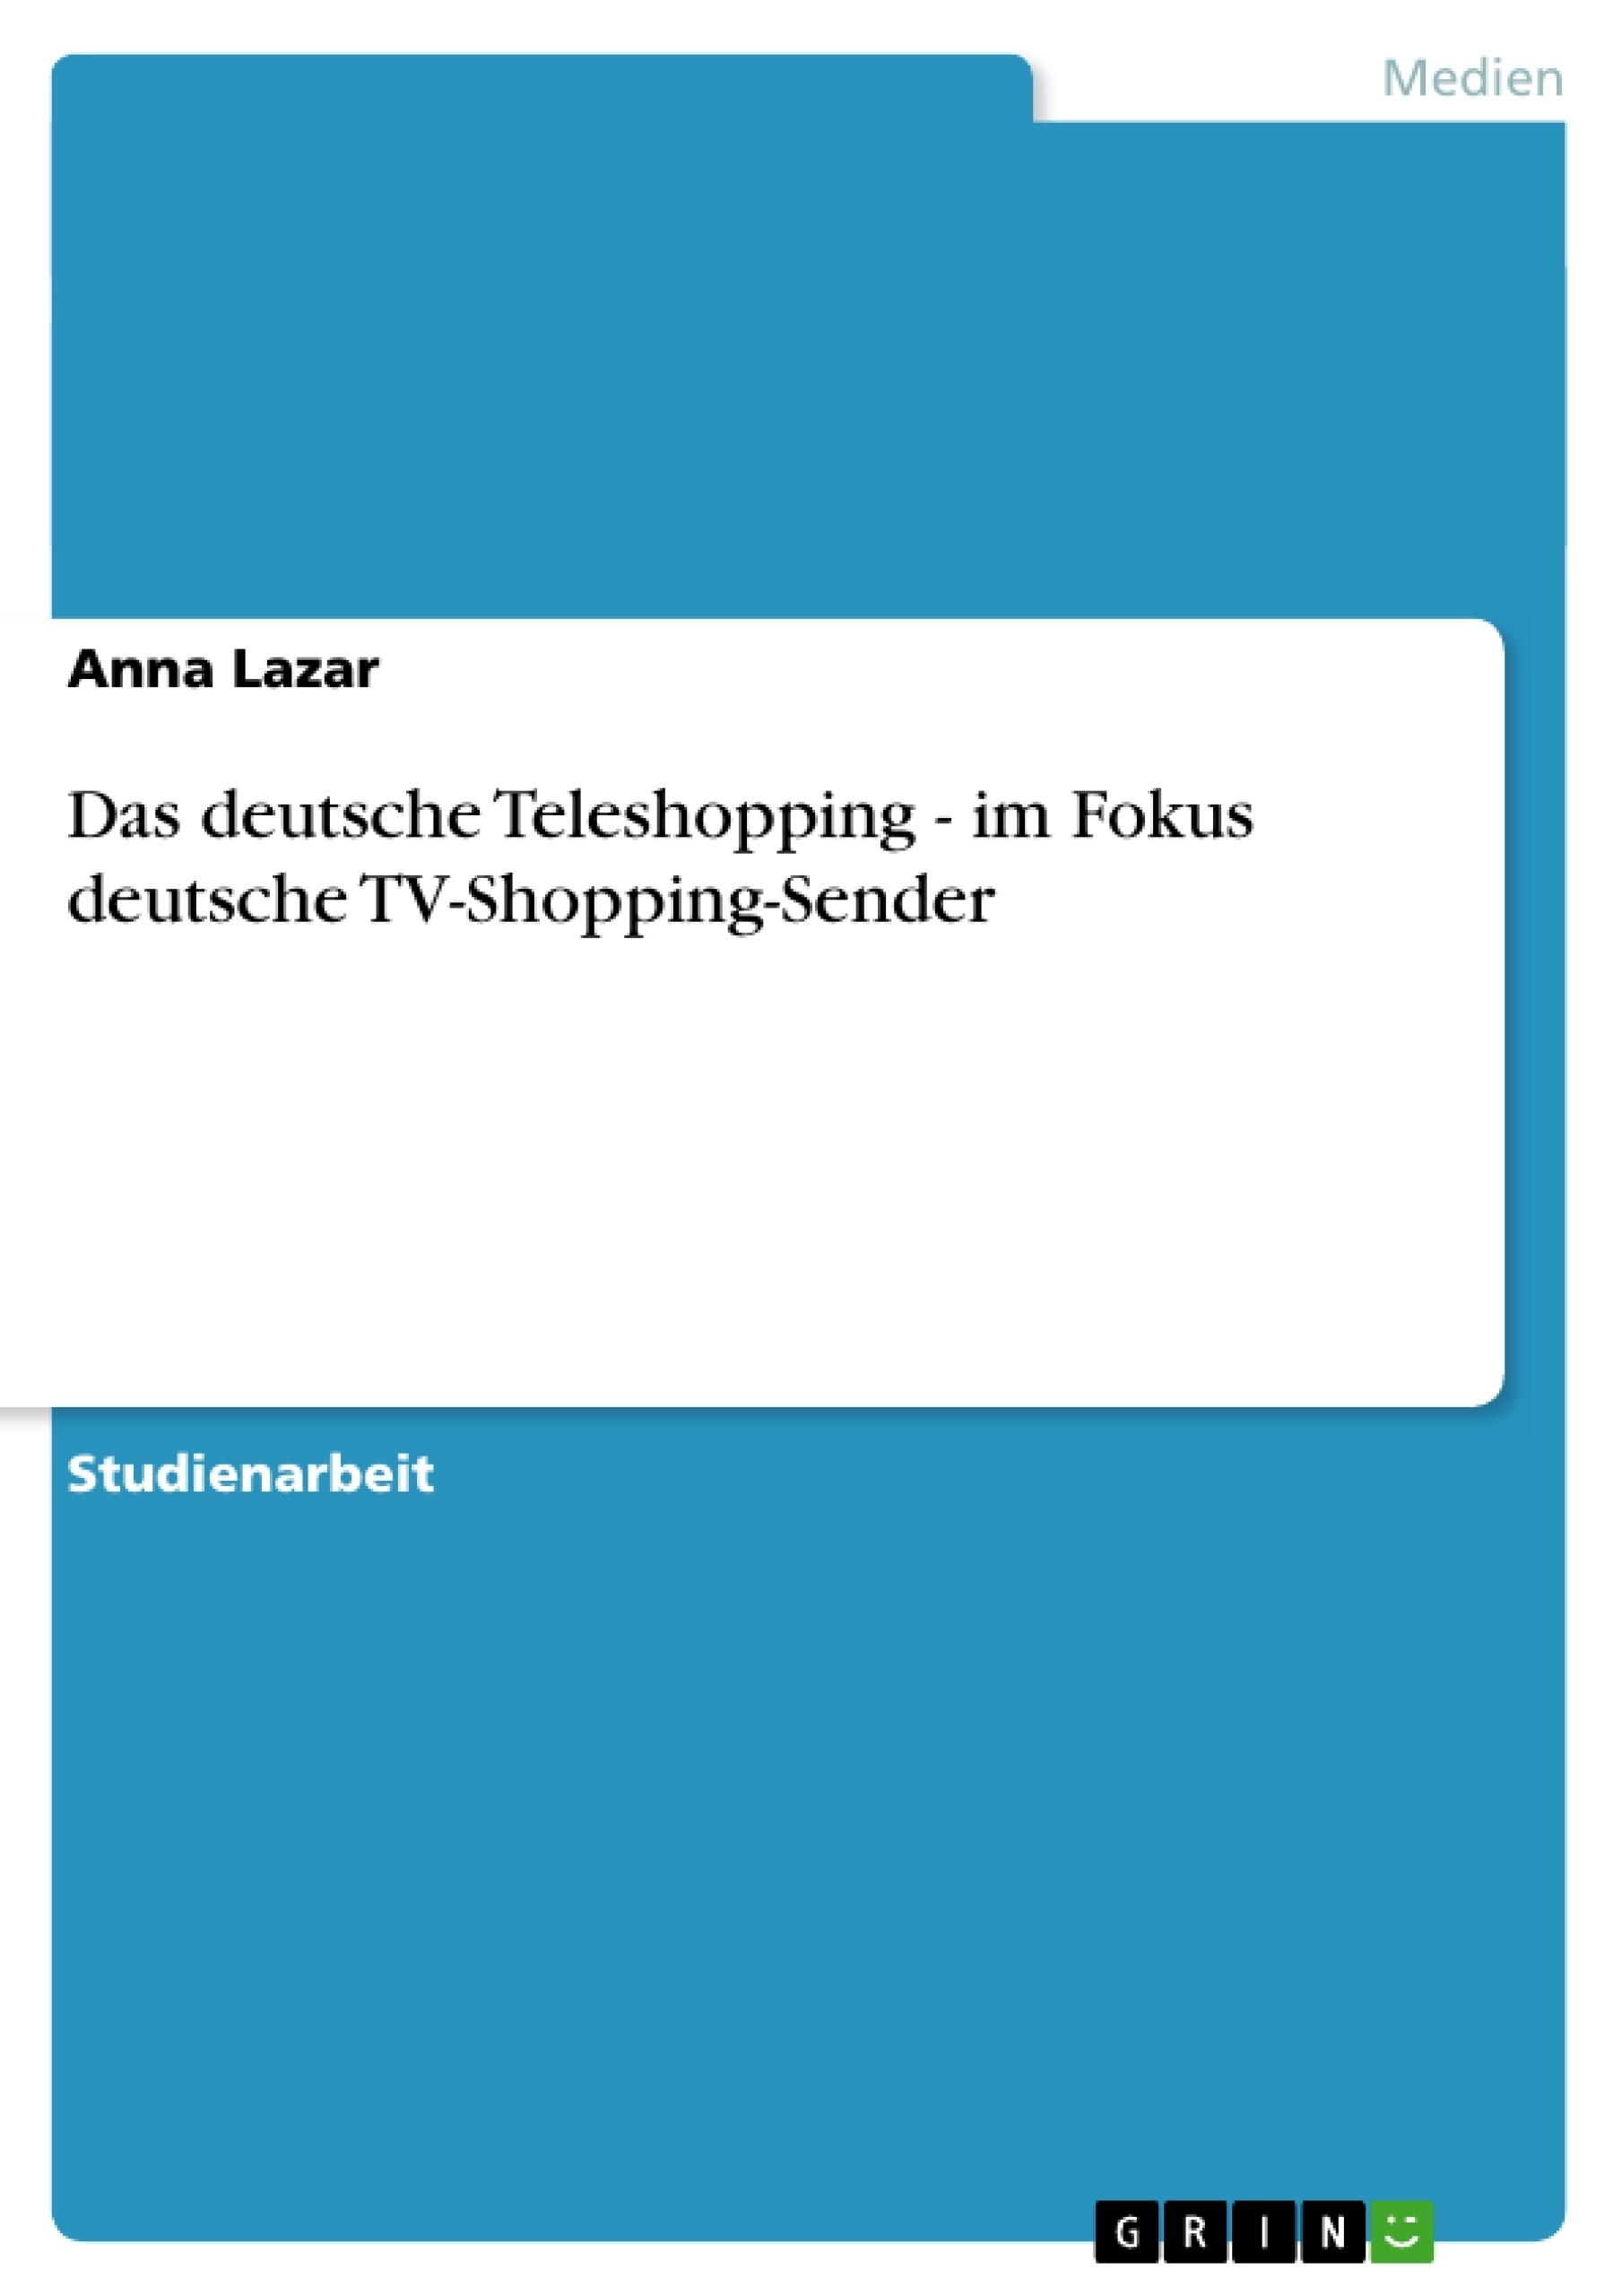 Titel: Das deutsche Teleshopping - im Fokus deutsche TV-Shopping-Sender